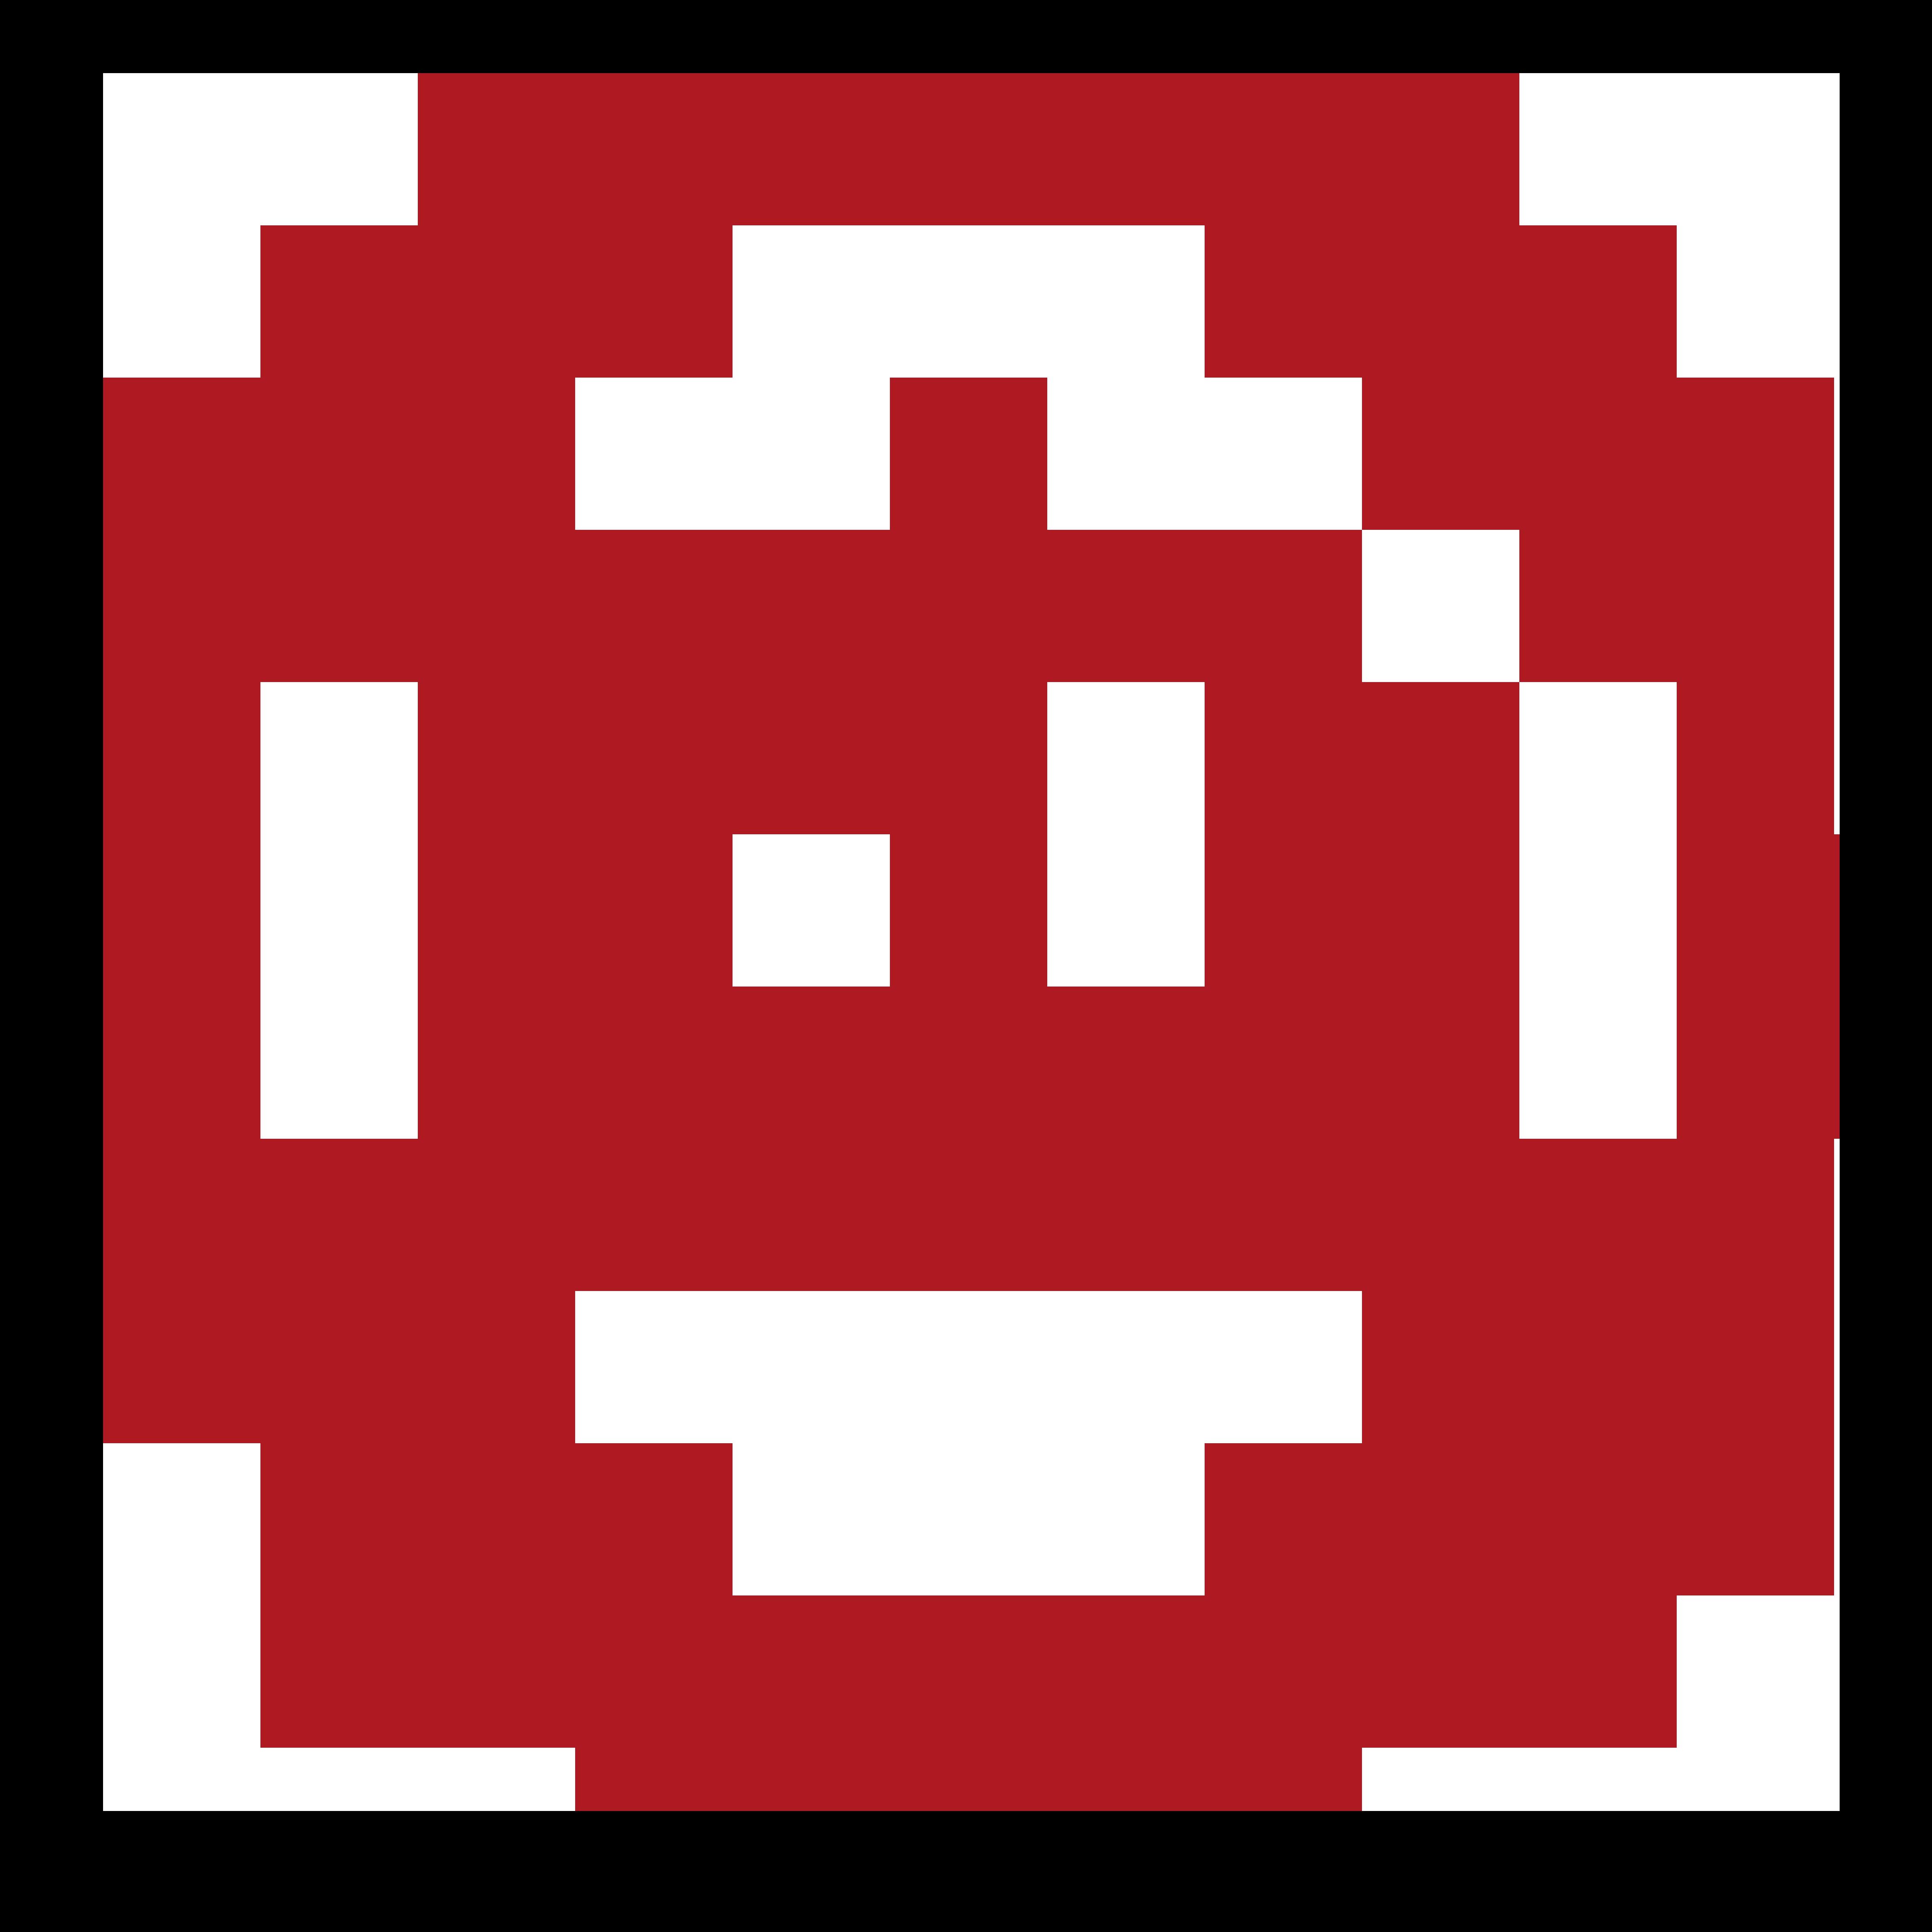 FRENTE DE ESTUDIANTES